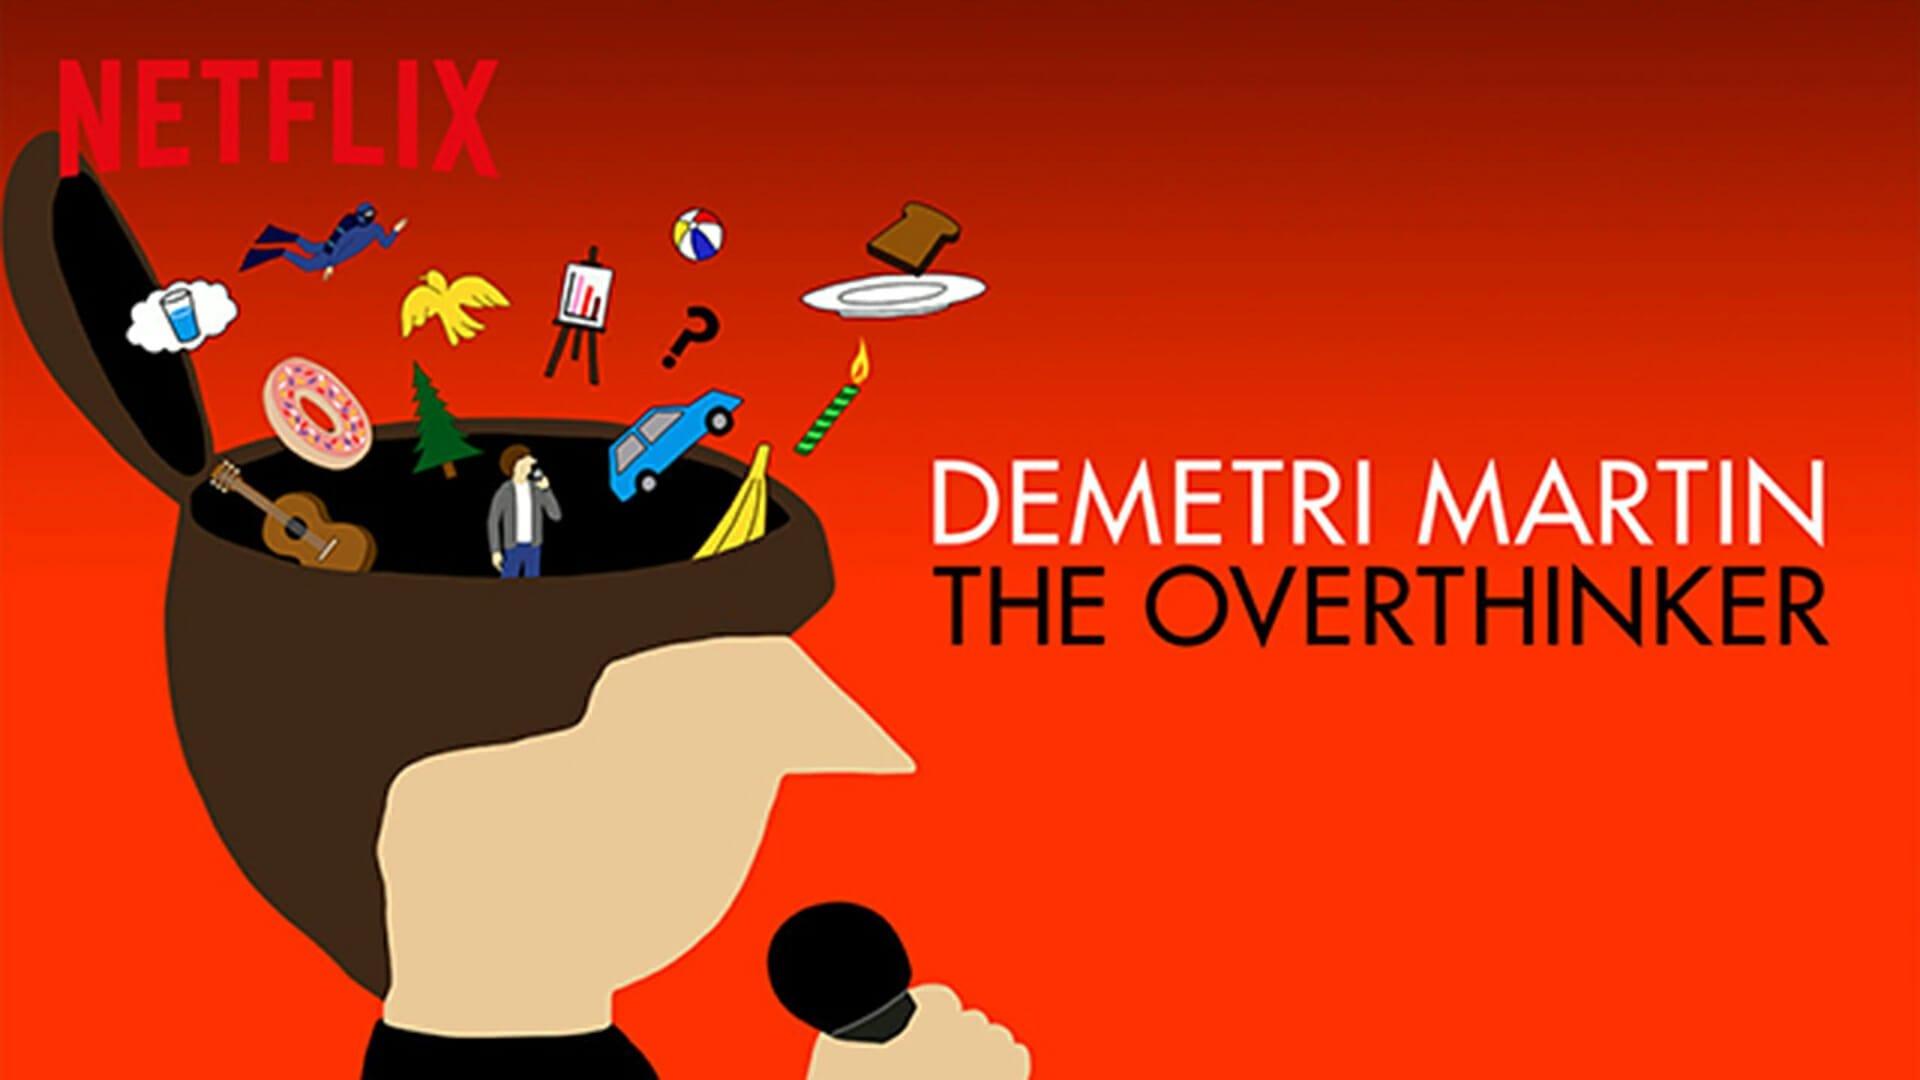 Demetri Martin Overthinker H